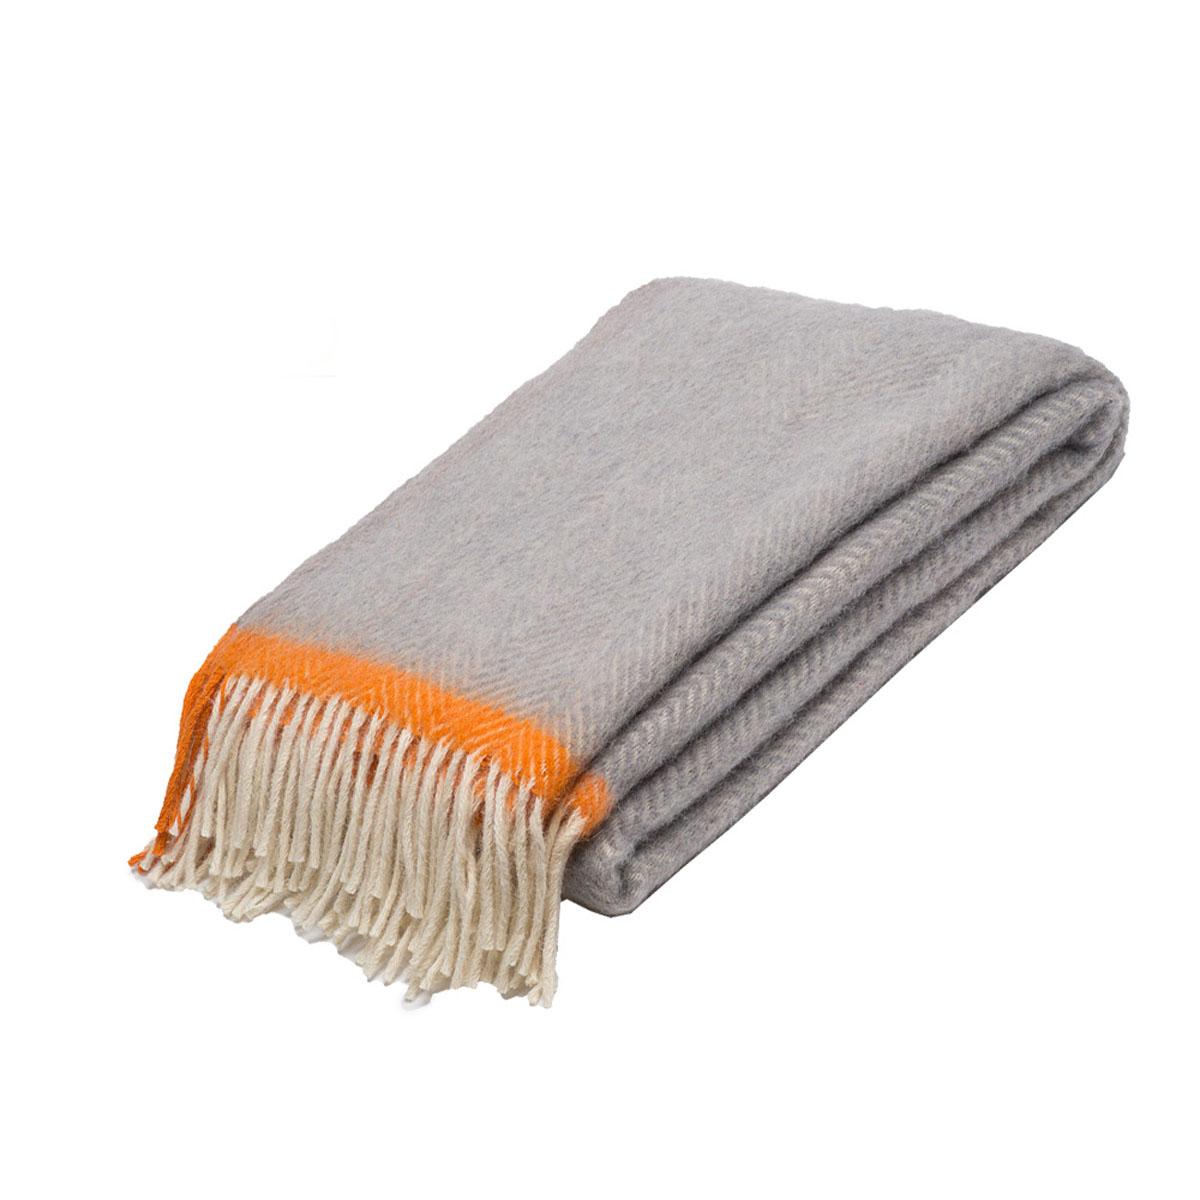 Плед Руно Mone, цвет: светло-серый, оранжевый, 140 х 200 см. 1-541-140 (02)FA-5125 WhiteПлед Руно Mone гармонично впишется в интерьер вашего дома и создаст атмосферу уюта и комфорта. Чрезвычайно мягкий и теплый плед с кистями изготовлен из натуральной овечьей шерсти. Высочайшее качество материала гарантирует безопасность не только взрослых, но и самых маленьких членов семьи.Плед - это такой подарок, который будет всегда актуален, особенно для ваших родных и близких, ведь вы дарите им частичку своего тепла!